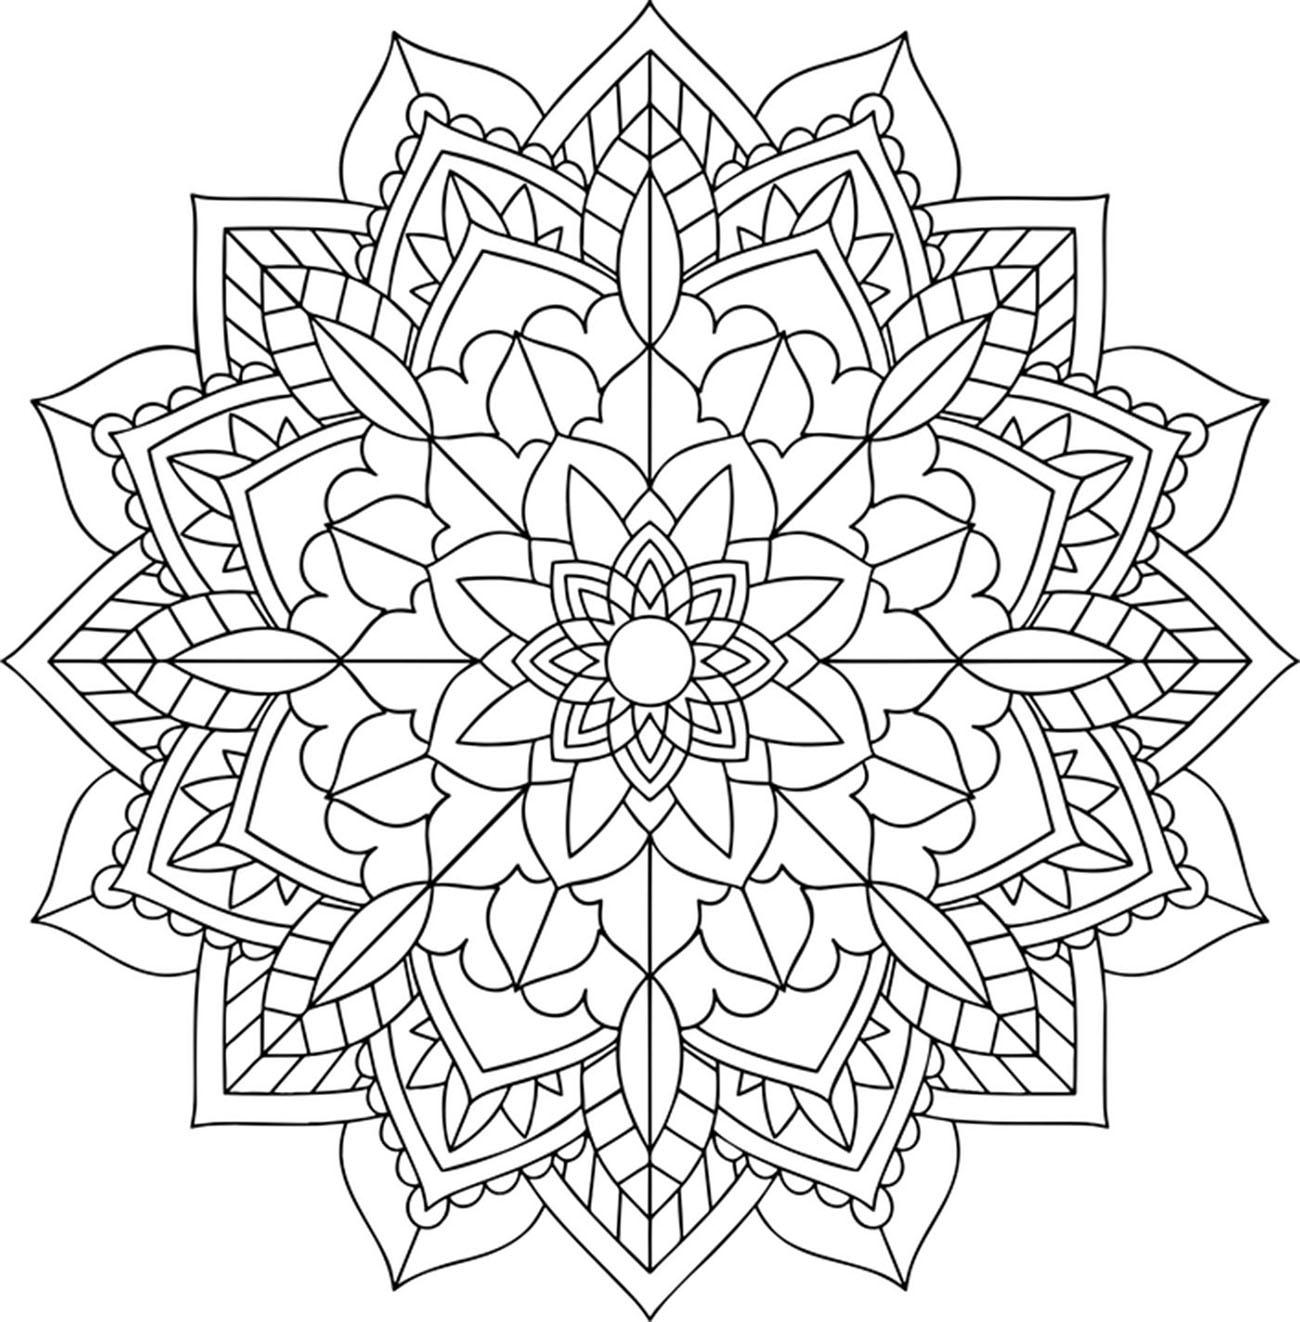 Un mandala pour petits et grands, composé de motifs végétaux, parfait pour se relaxer, déstresser, tout en exprimant son sens créatif.